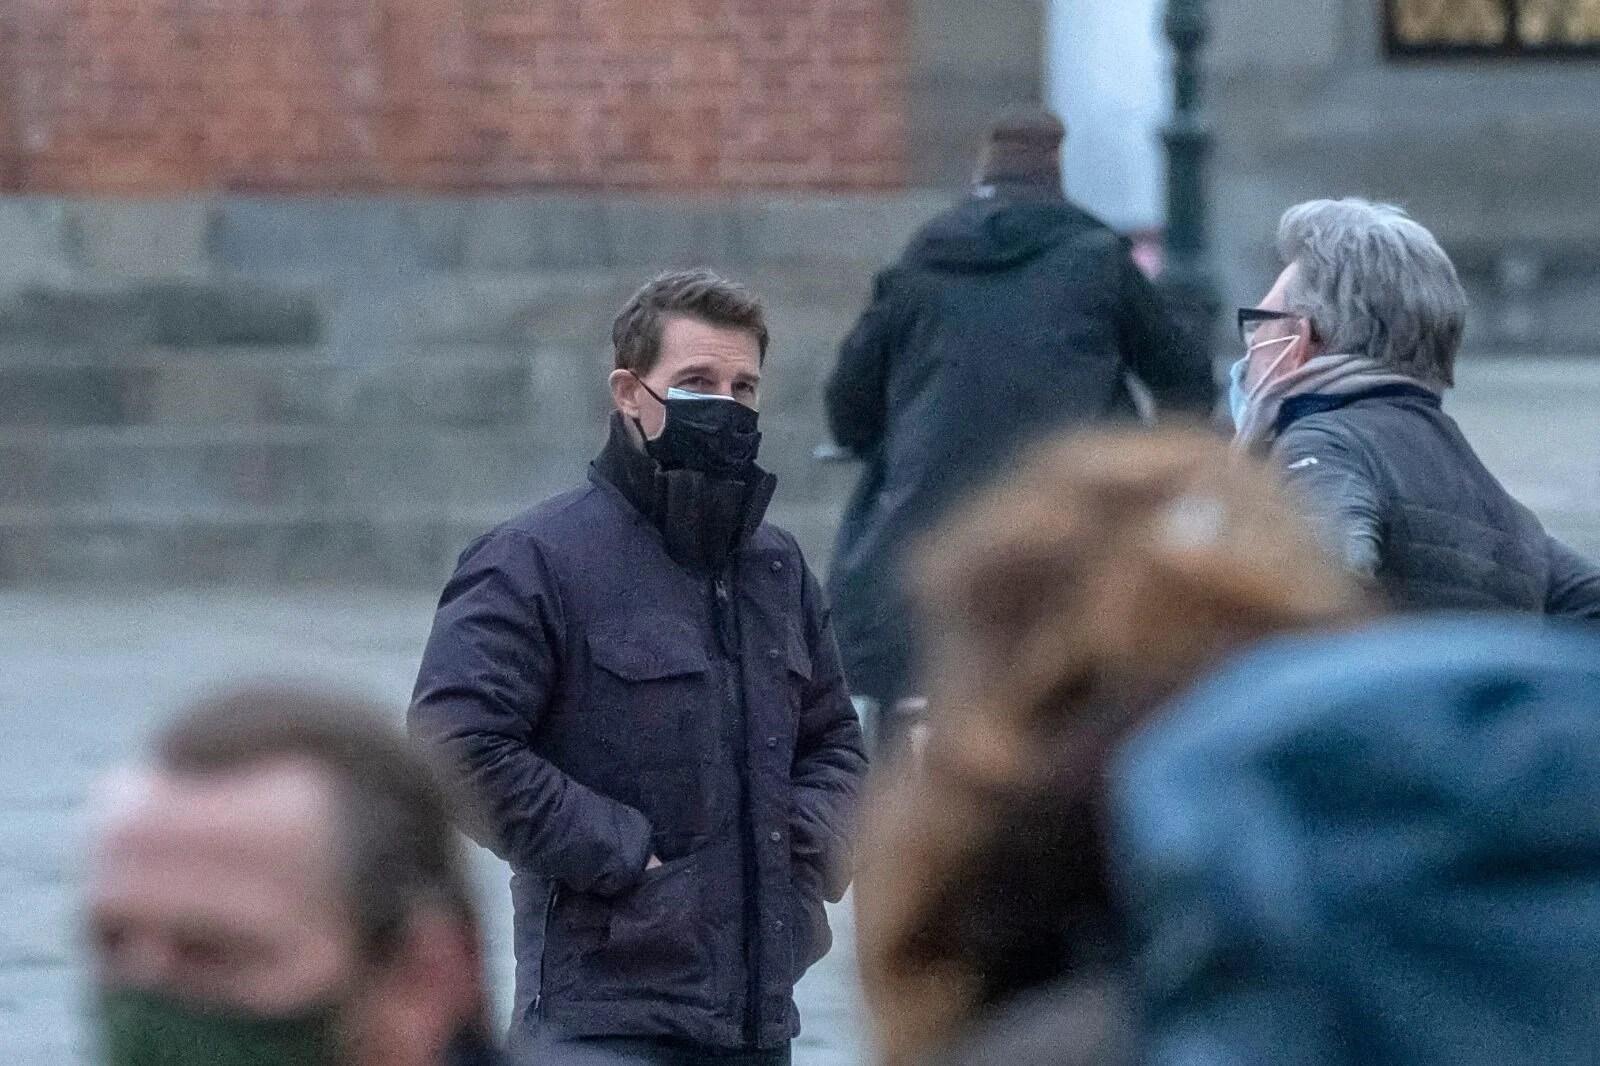 Tom Cruise Görevimiz Tehlike 7'nin çekimleri için Covid-19'a karşı güvenli stüdyo yaptırdı - 2